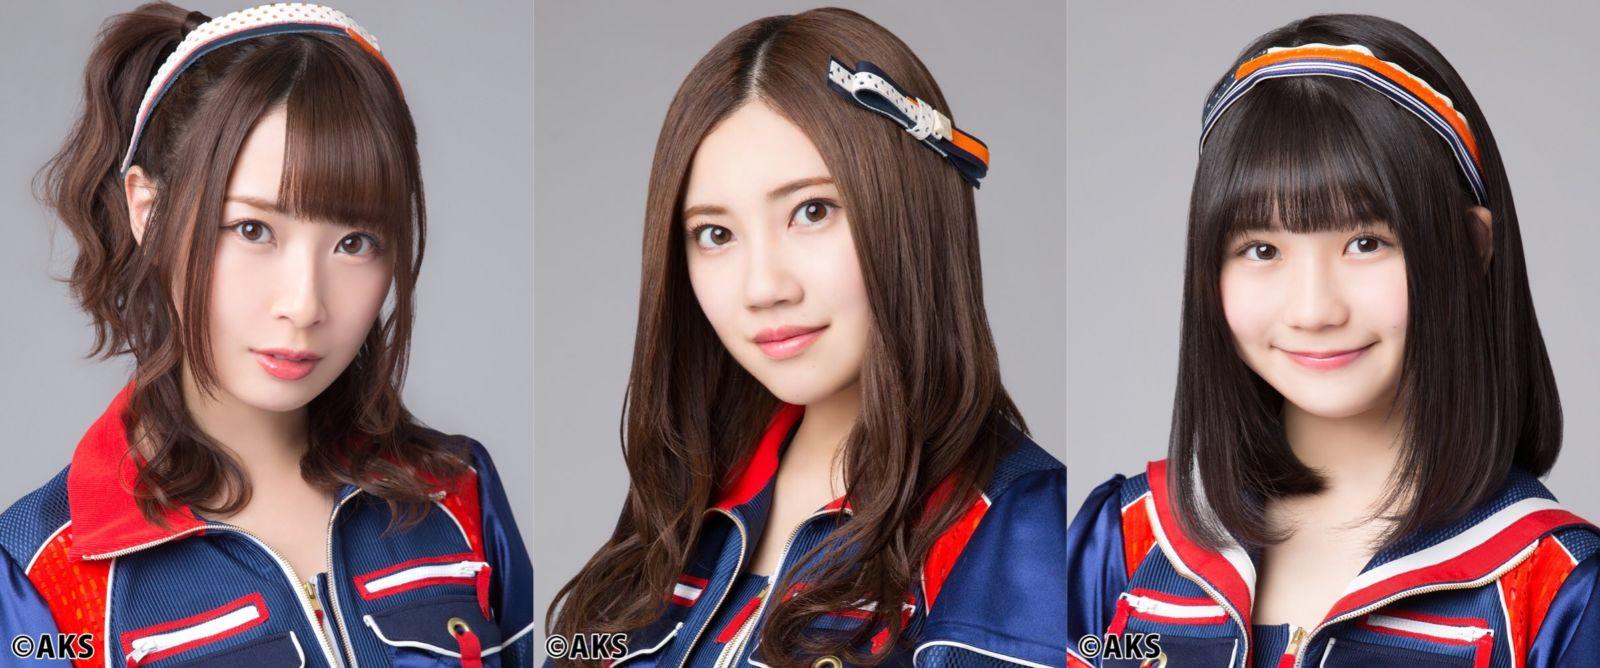 7/20 7:05〜「おはスタ」出演:SKE48(高柳明音、小畑優奈、北川綾巴)